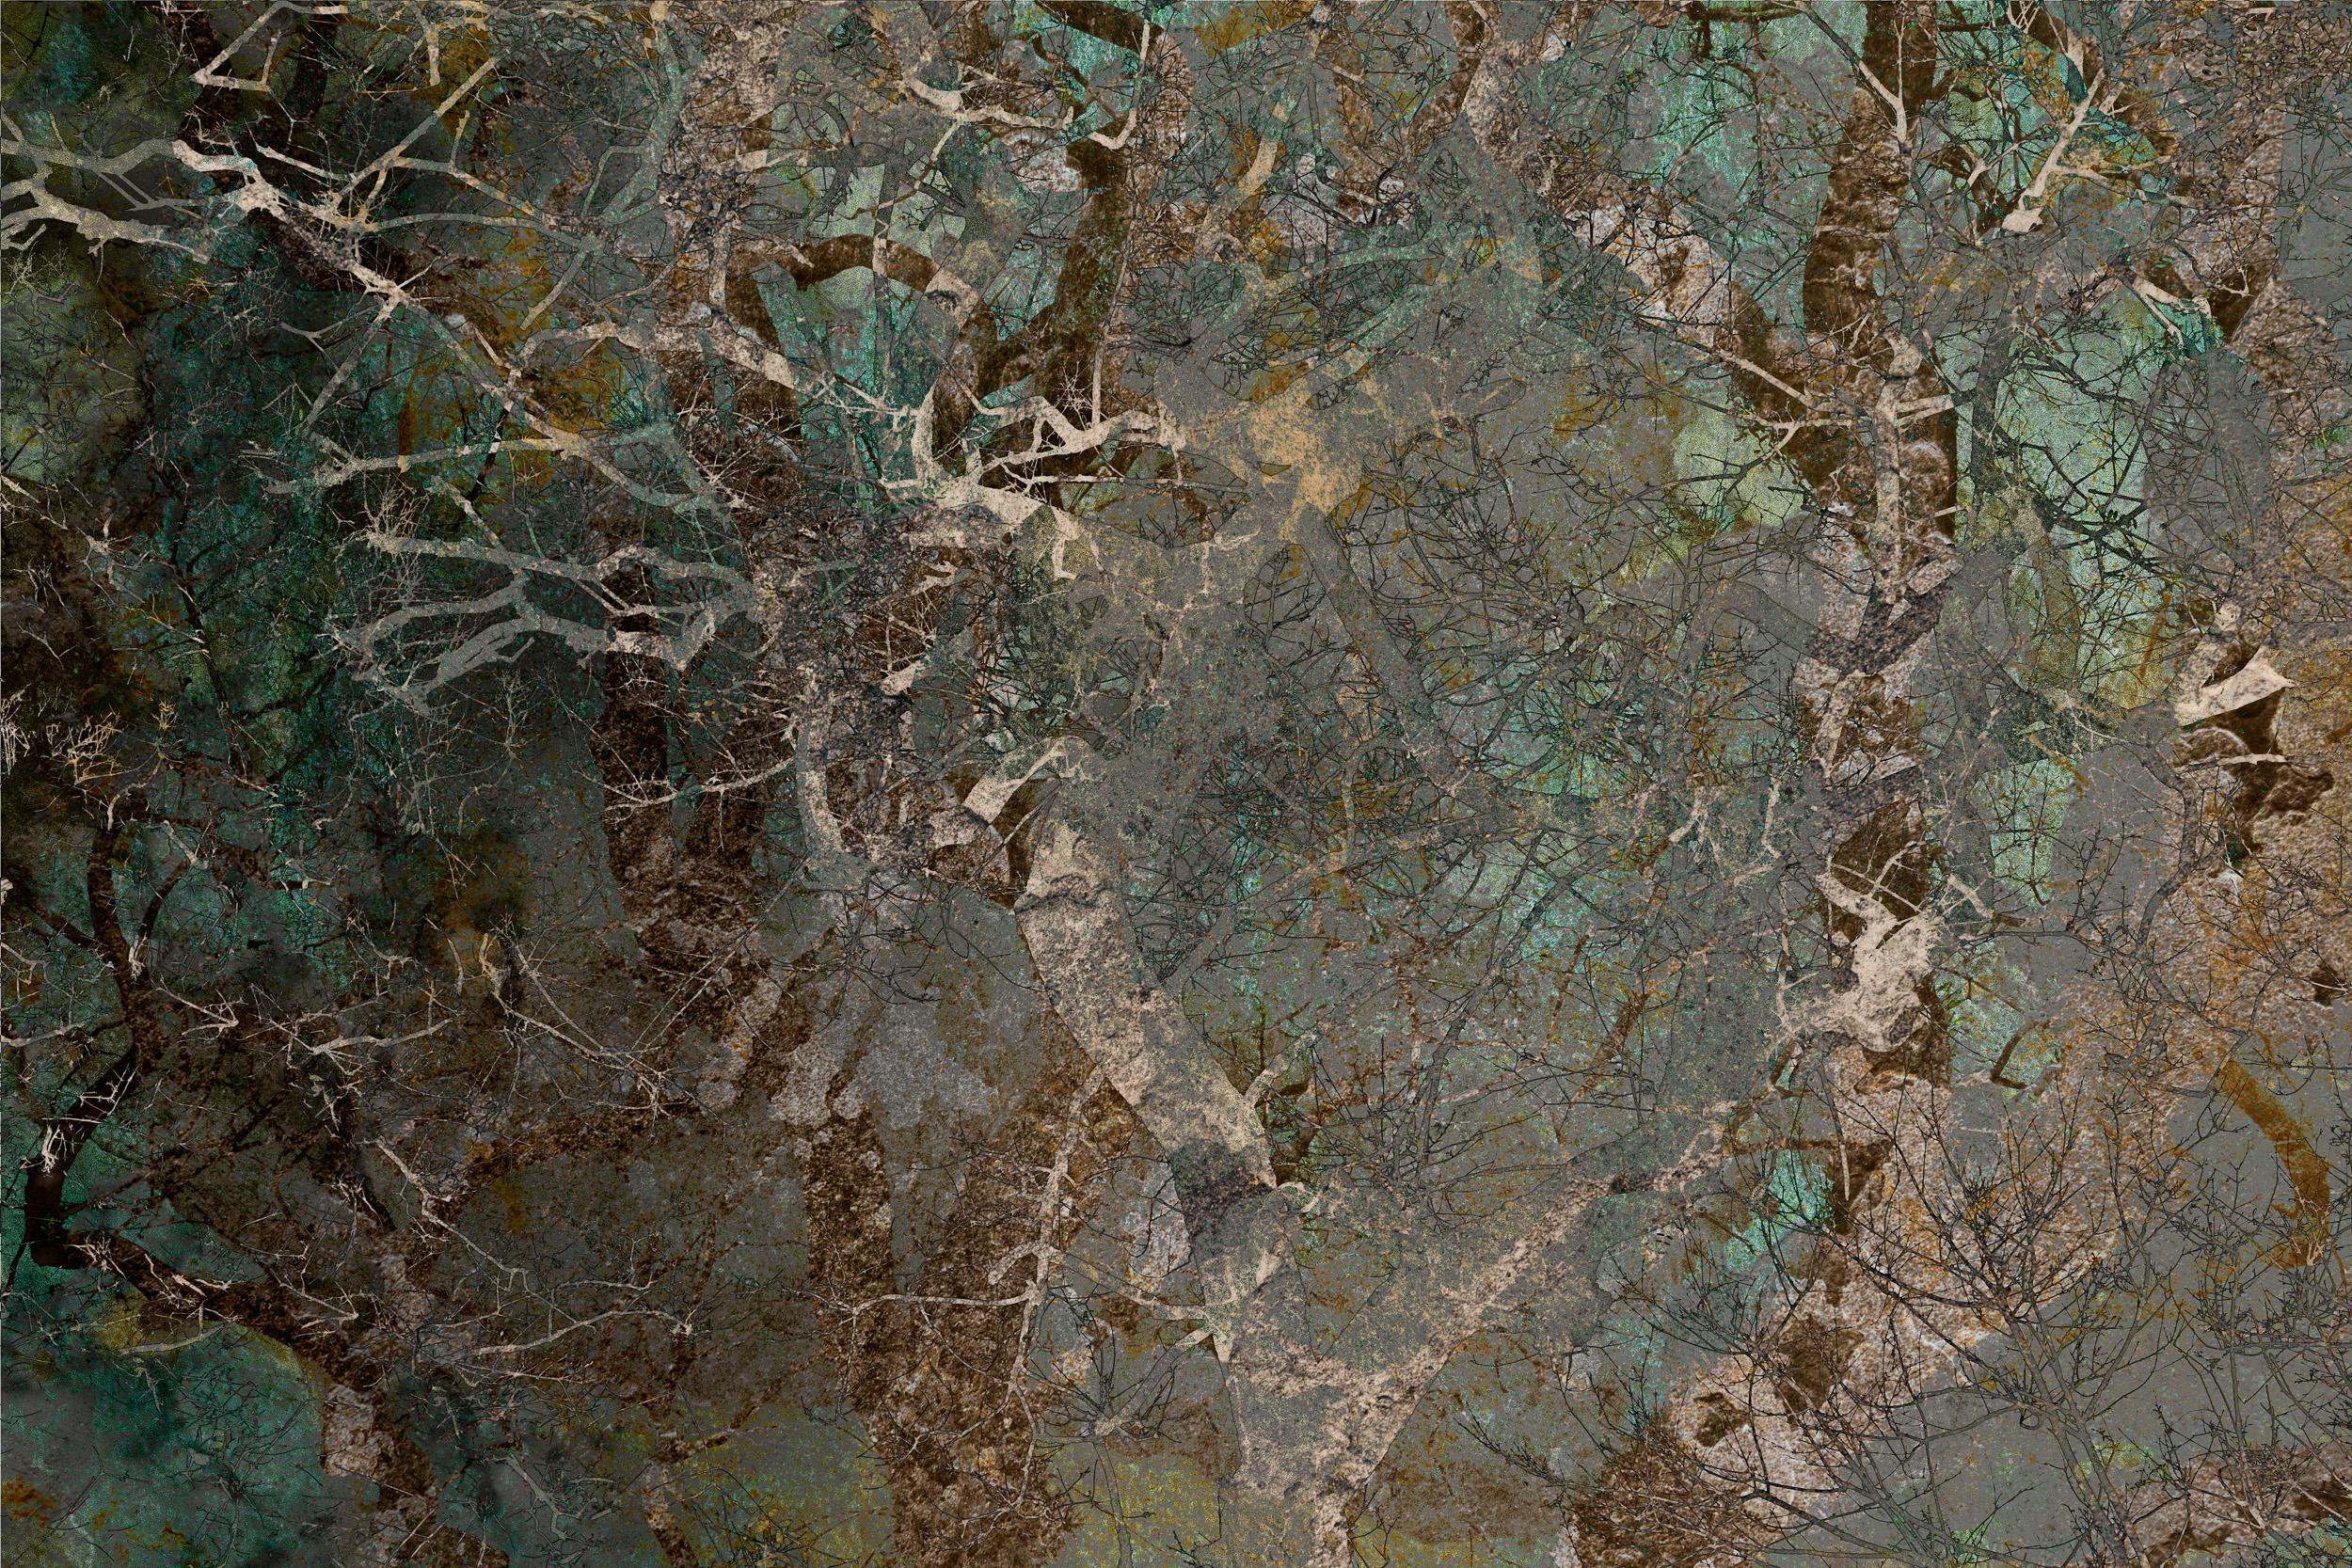 Árboles Desapareciendos I / Disappearing Trees I